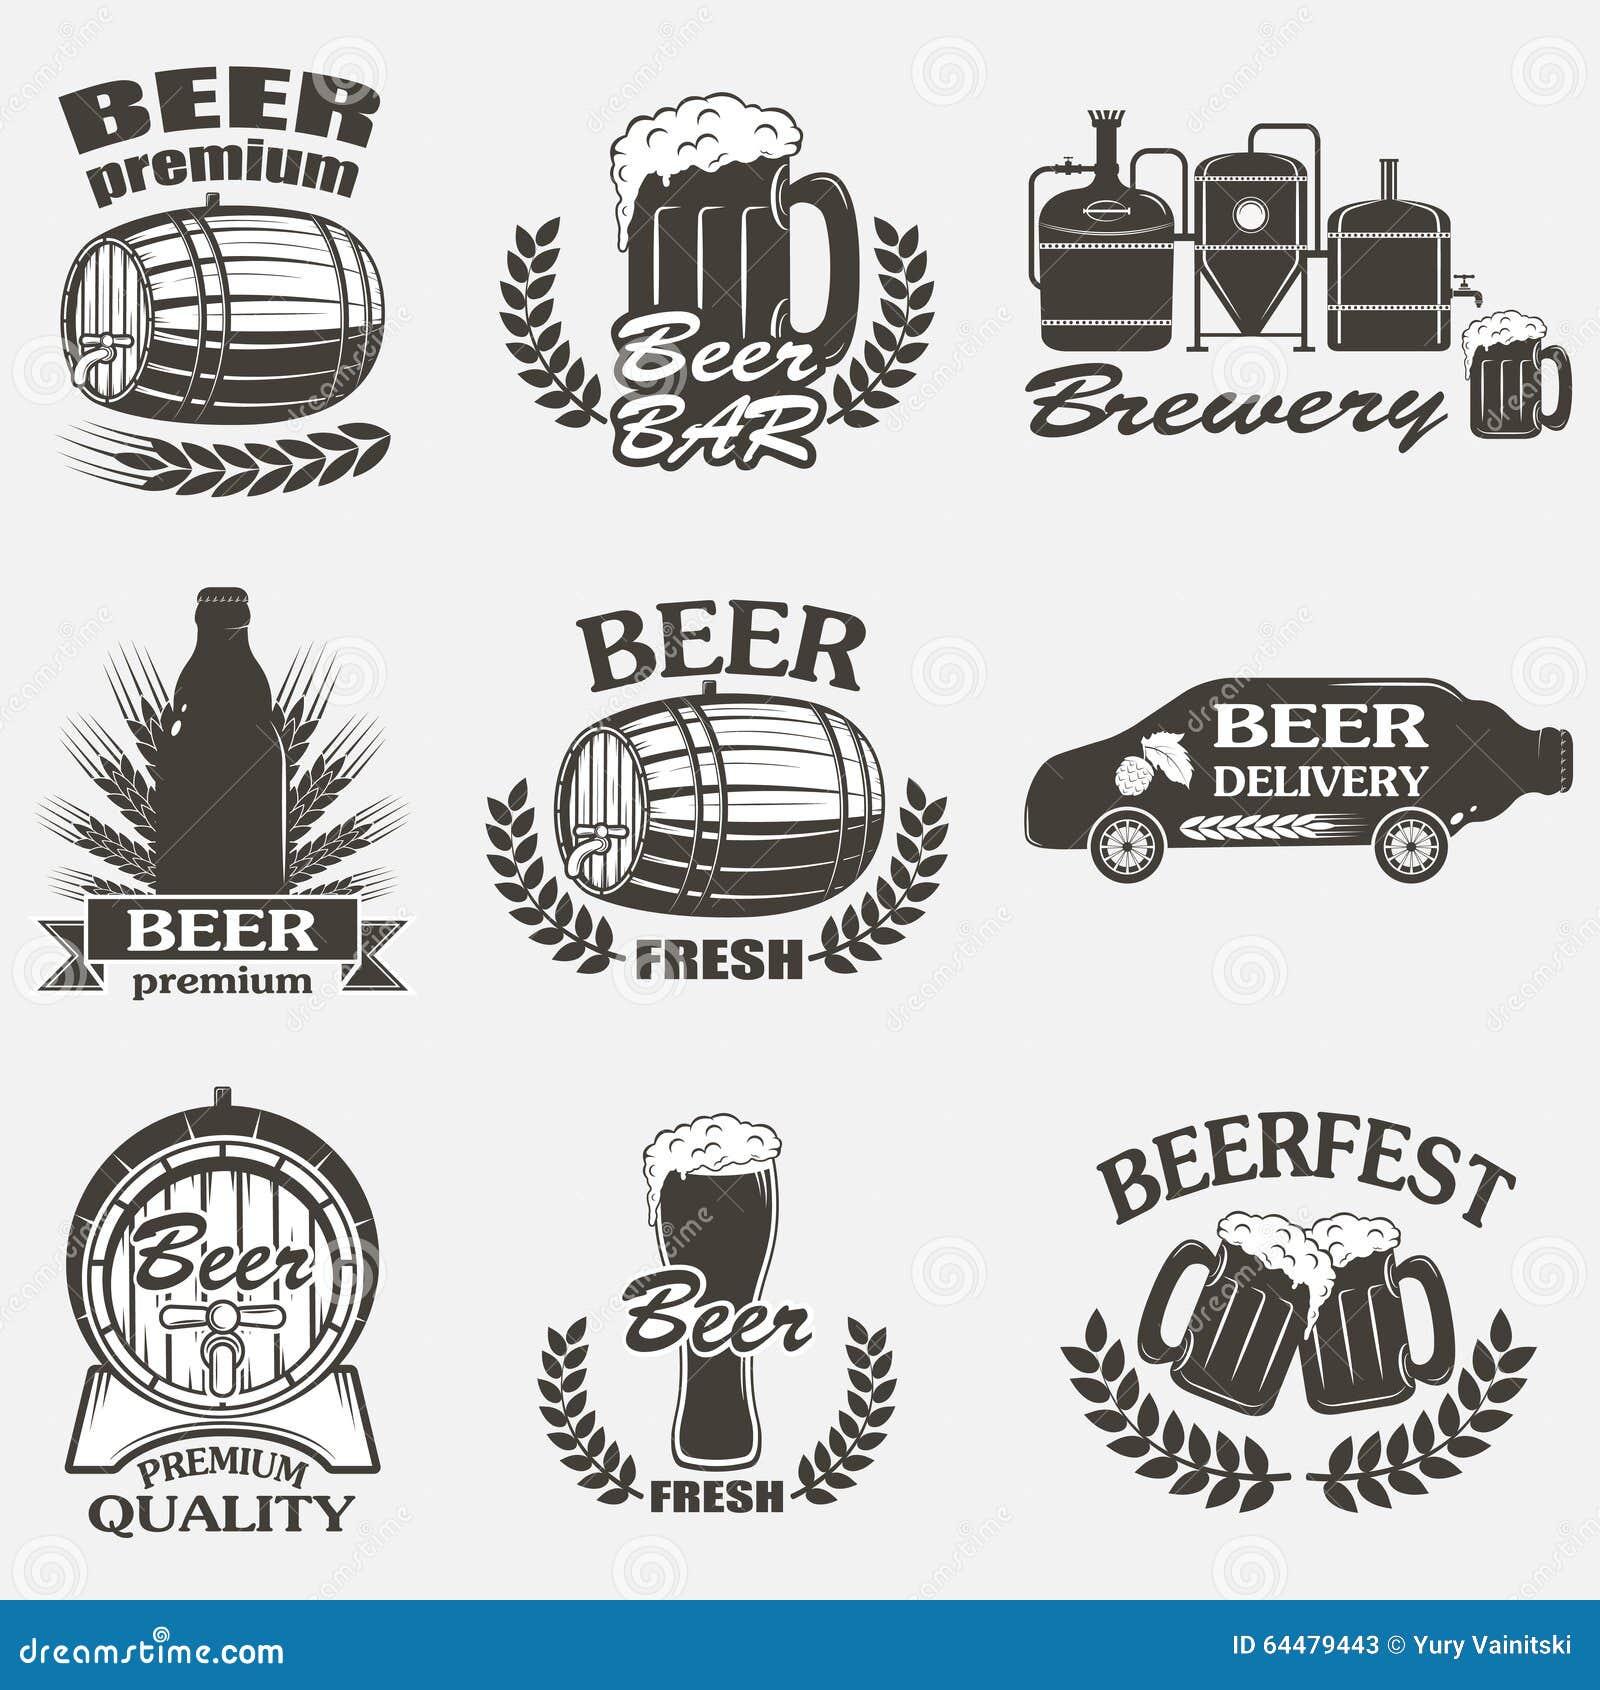 葡萄酒工艺啤酒啤酒厂象征,标签和设计元素.图片